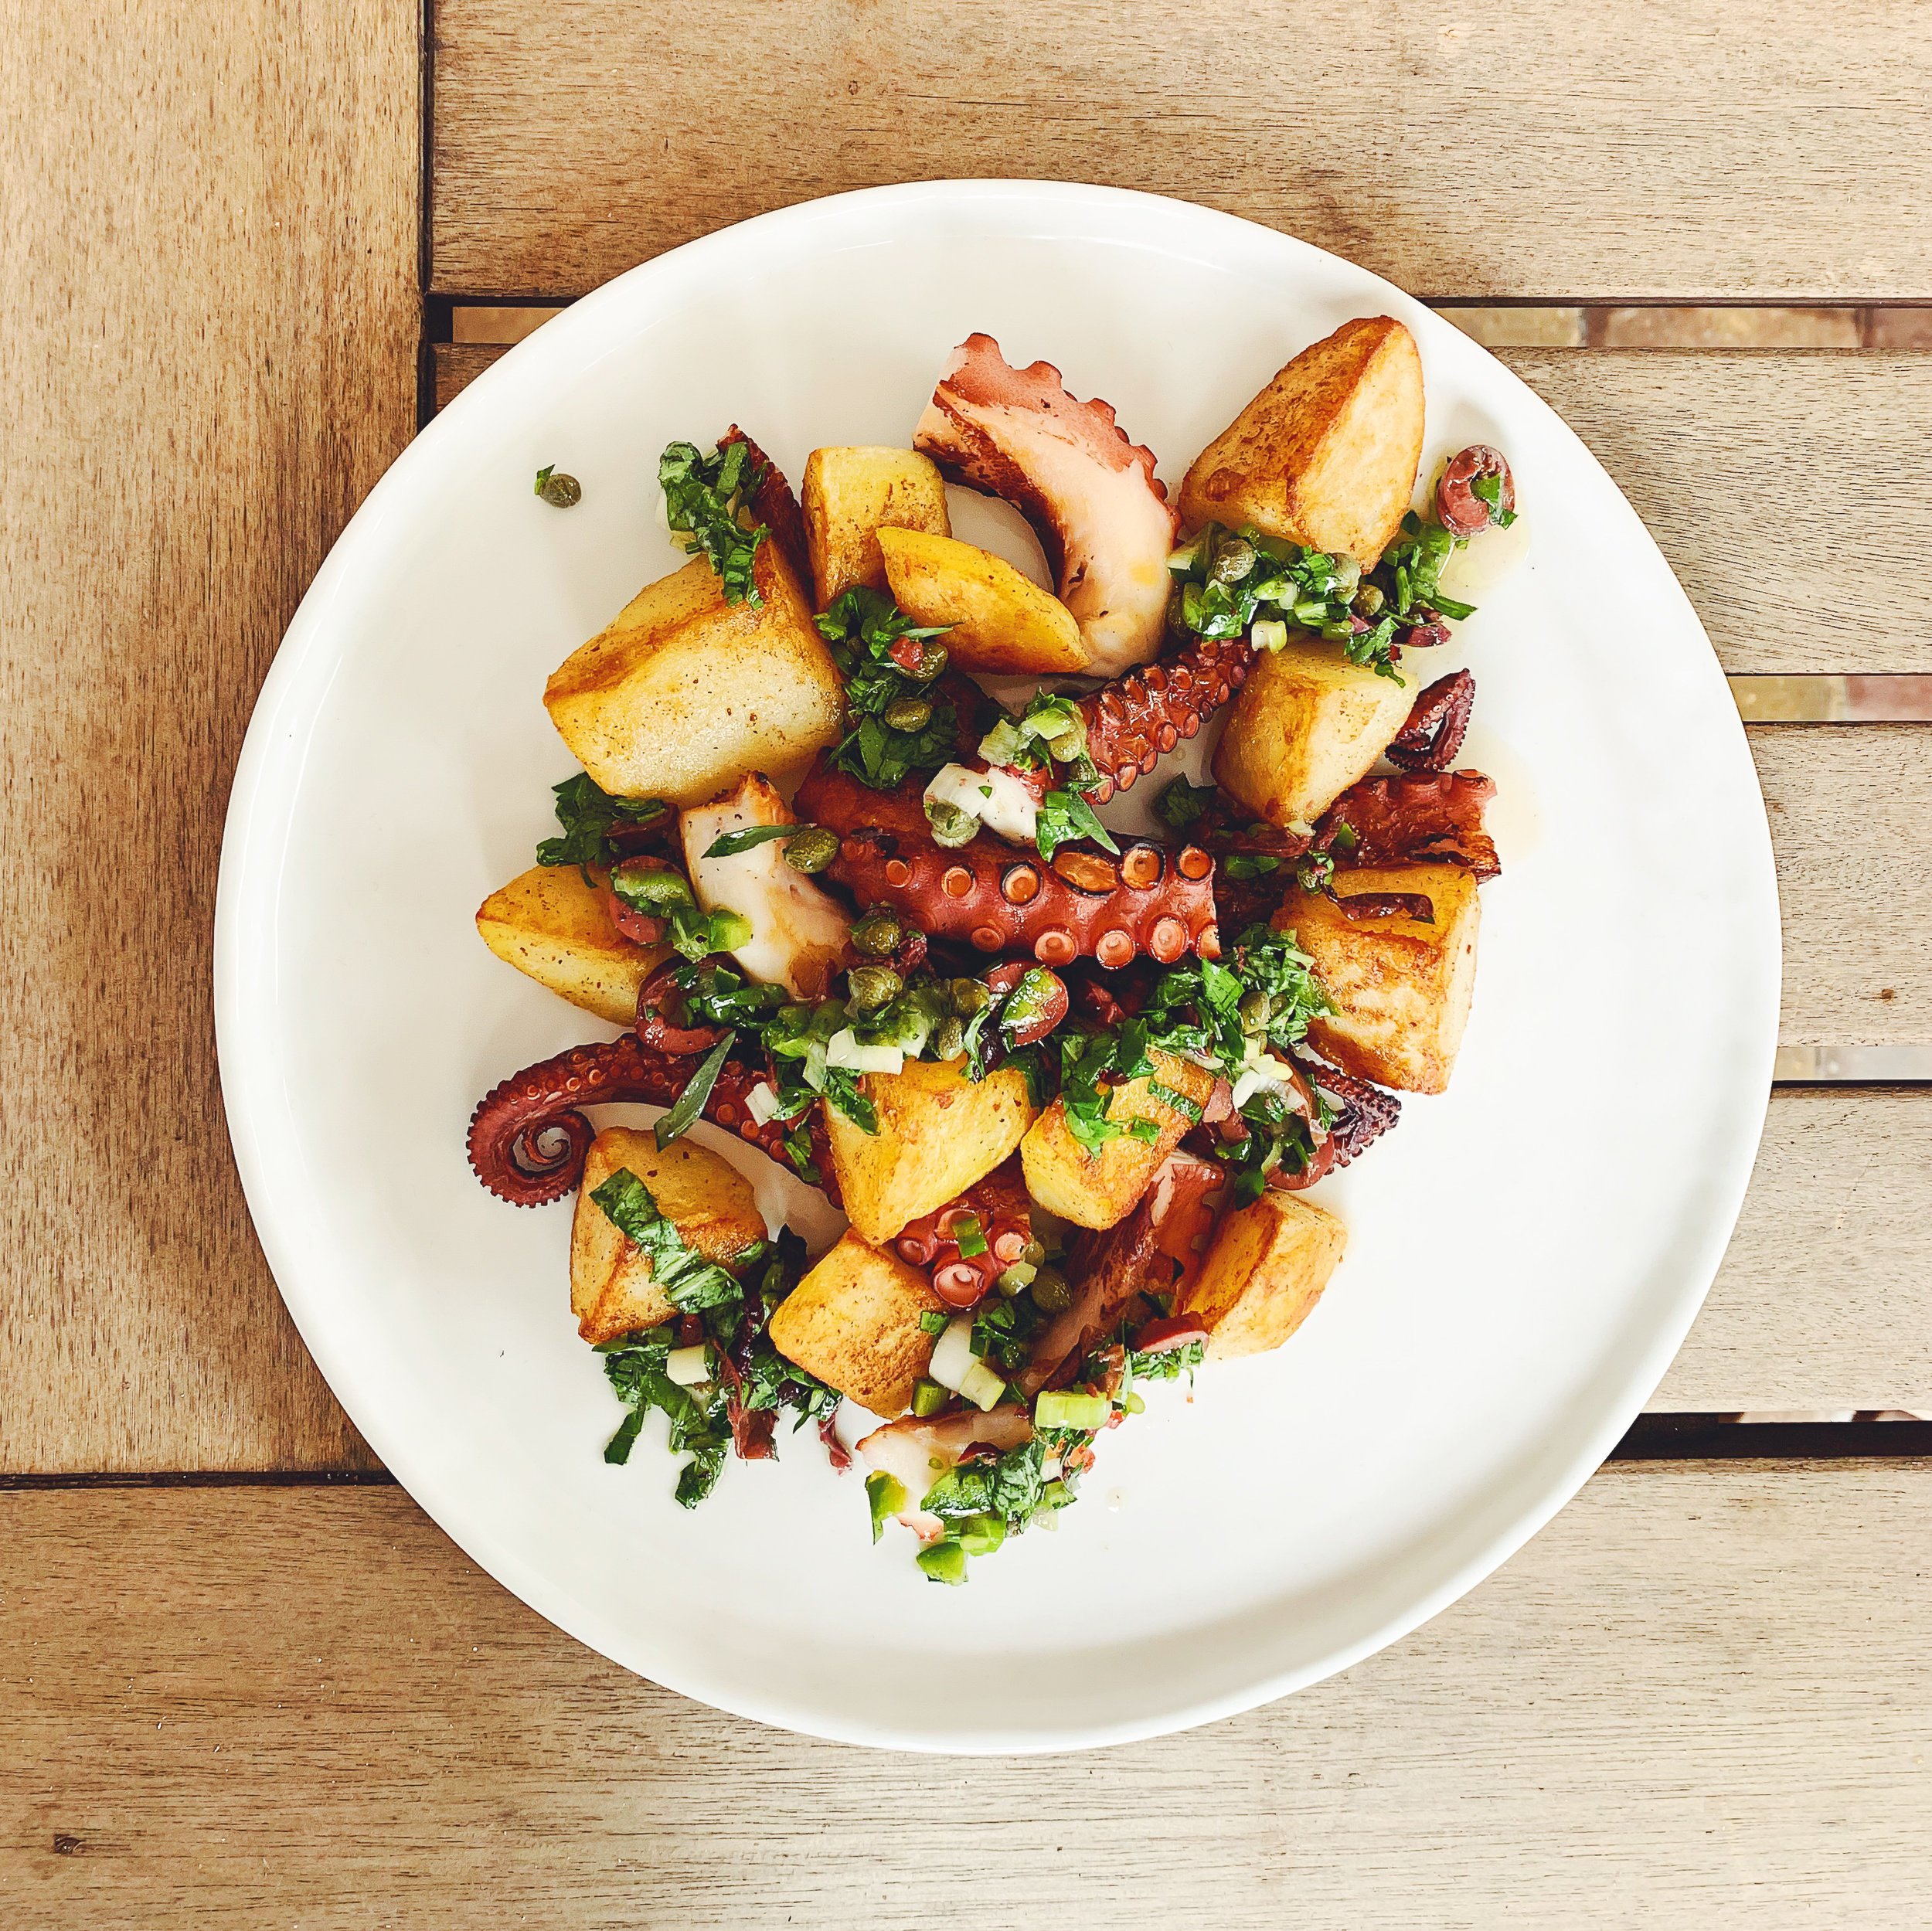 Octopus Potato Salad with Herb Condiment | RafaellaSargi.com